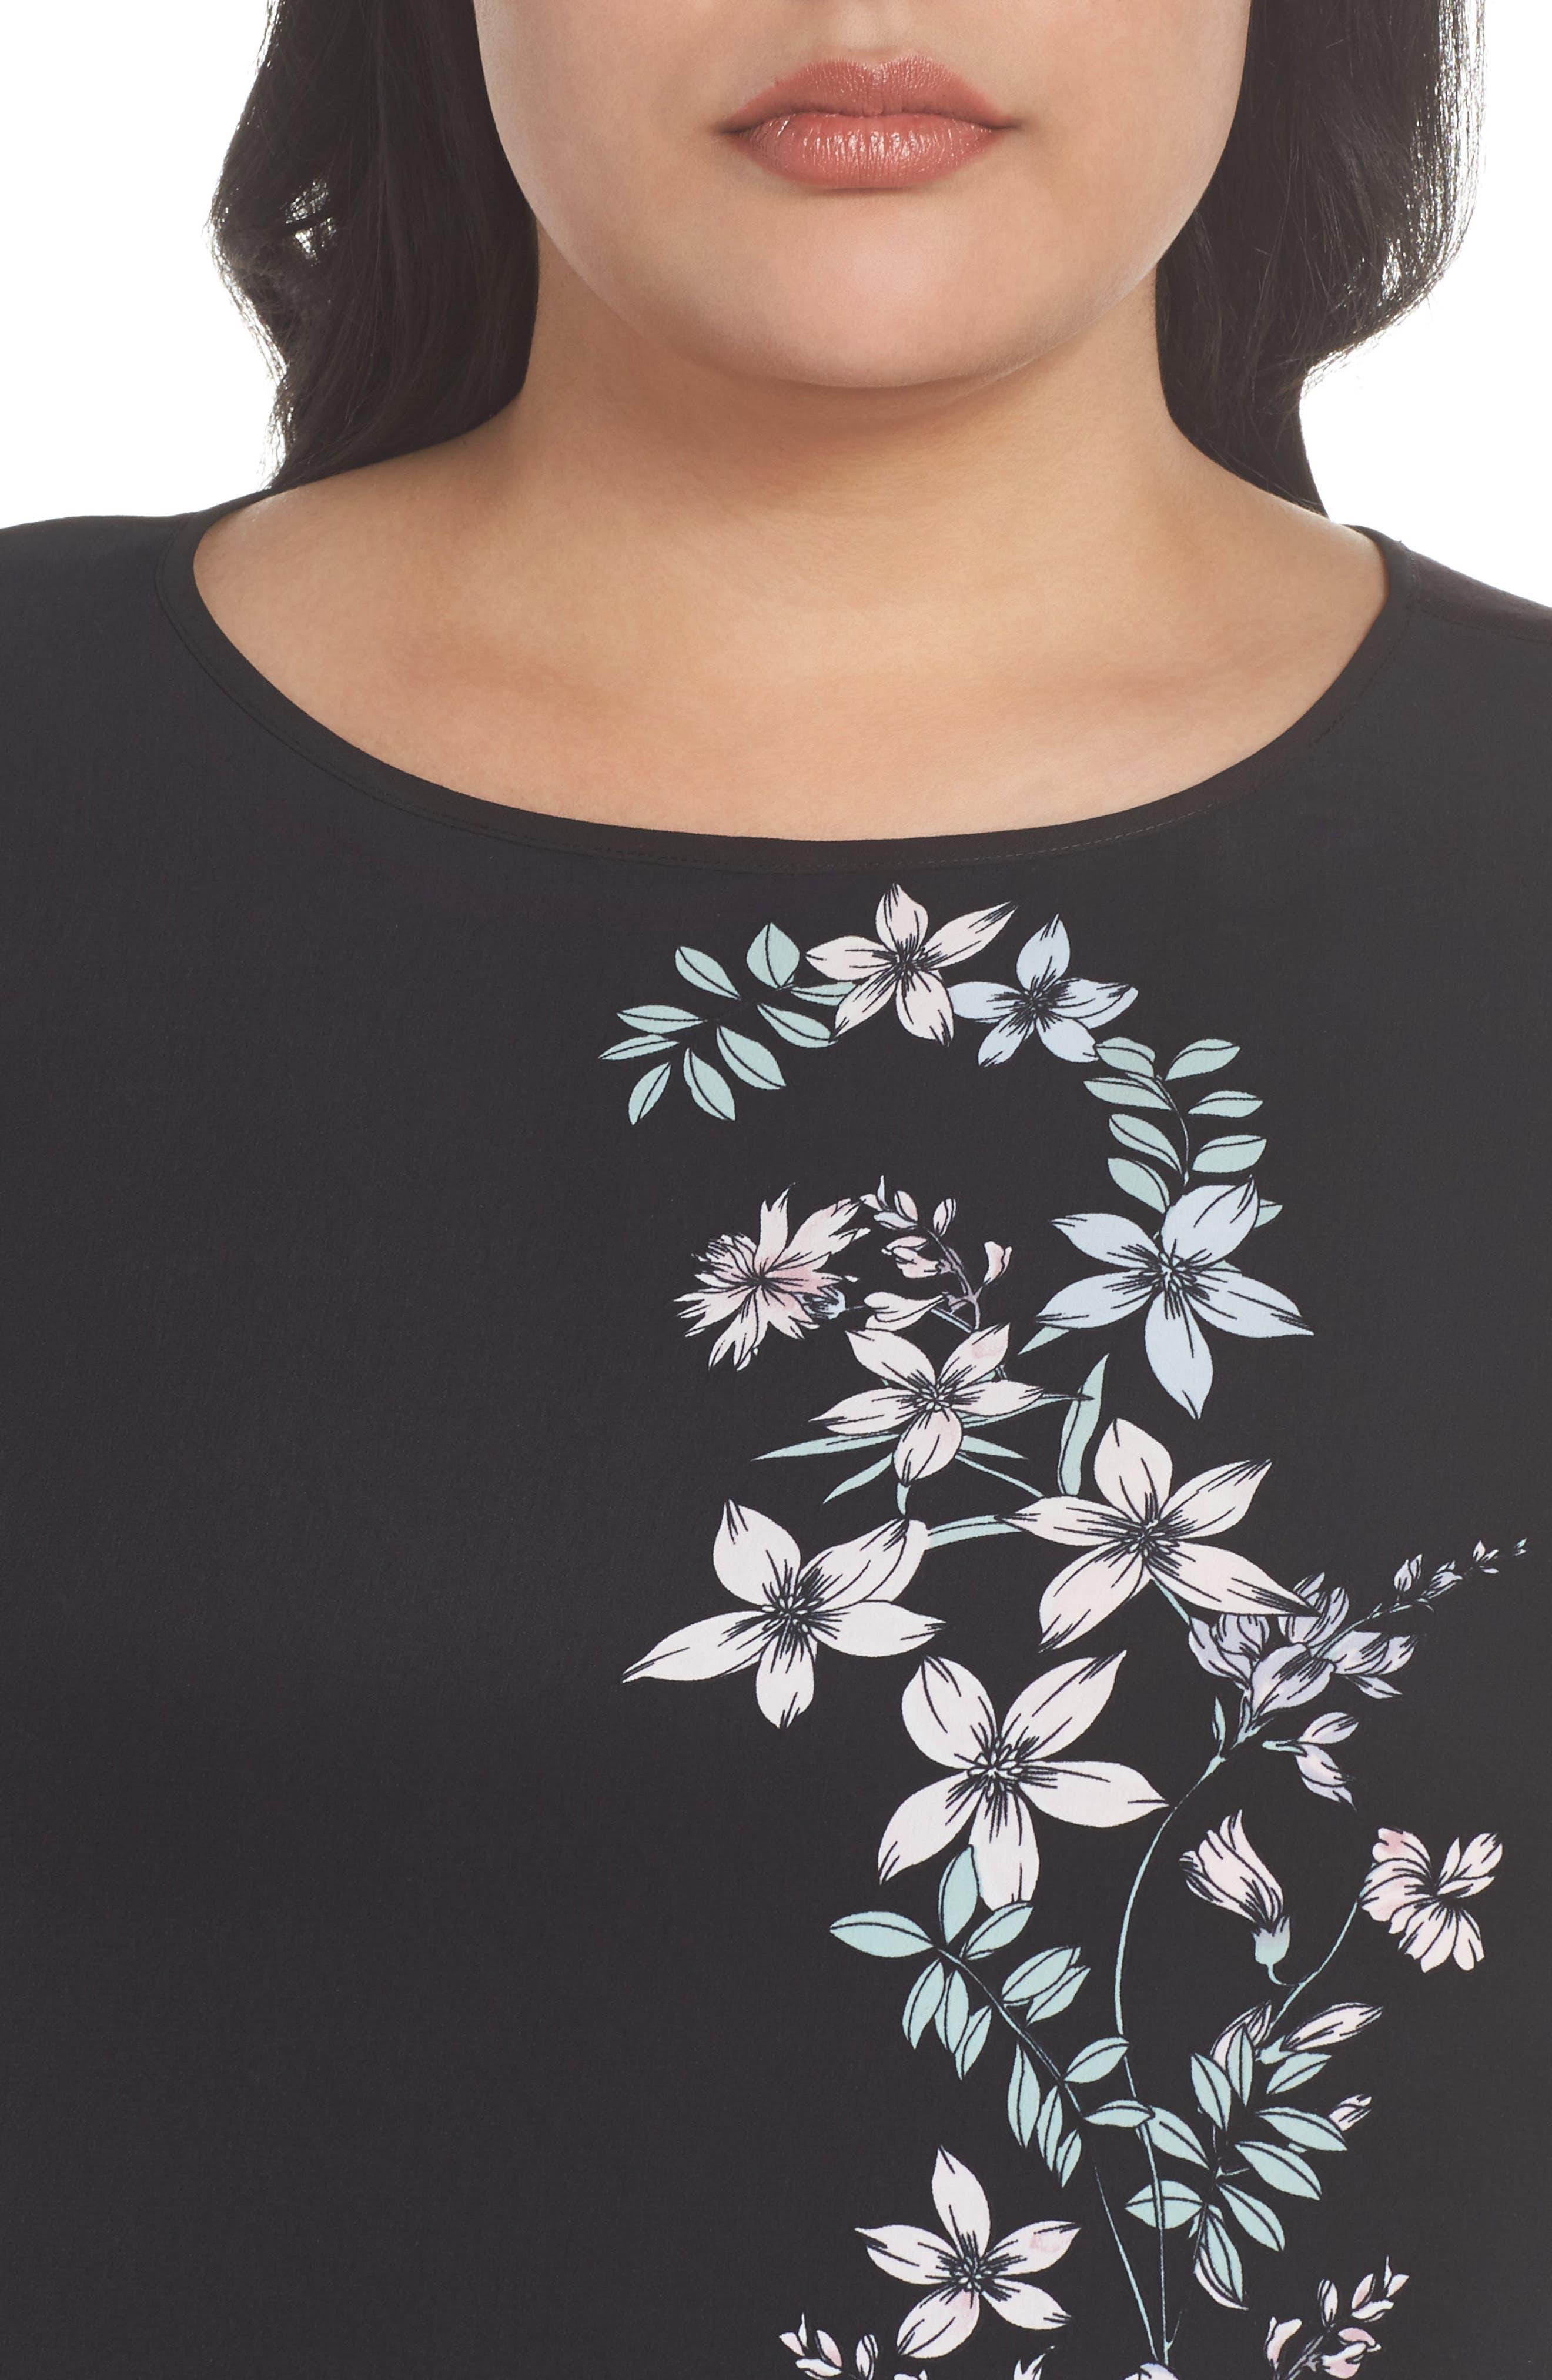 Floral Print Top,                             Alternate thumbnail 4, color,                             Rich Black